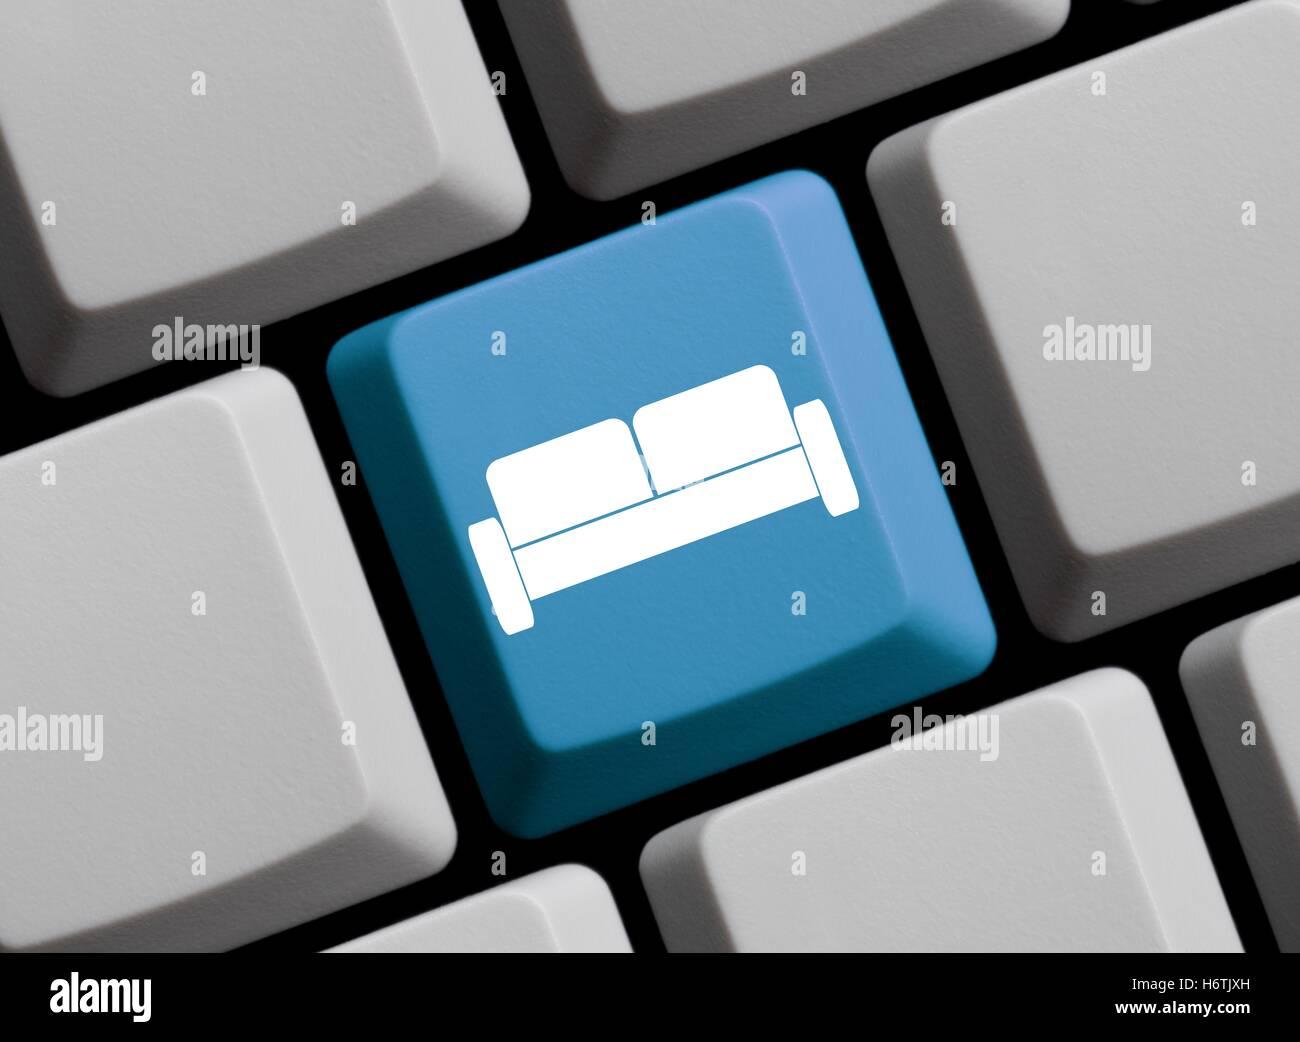 wohnungsplaner stock photos & wohnungsplaner stock images - alamy